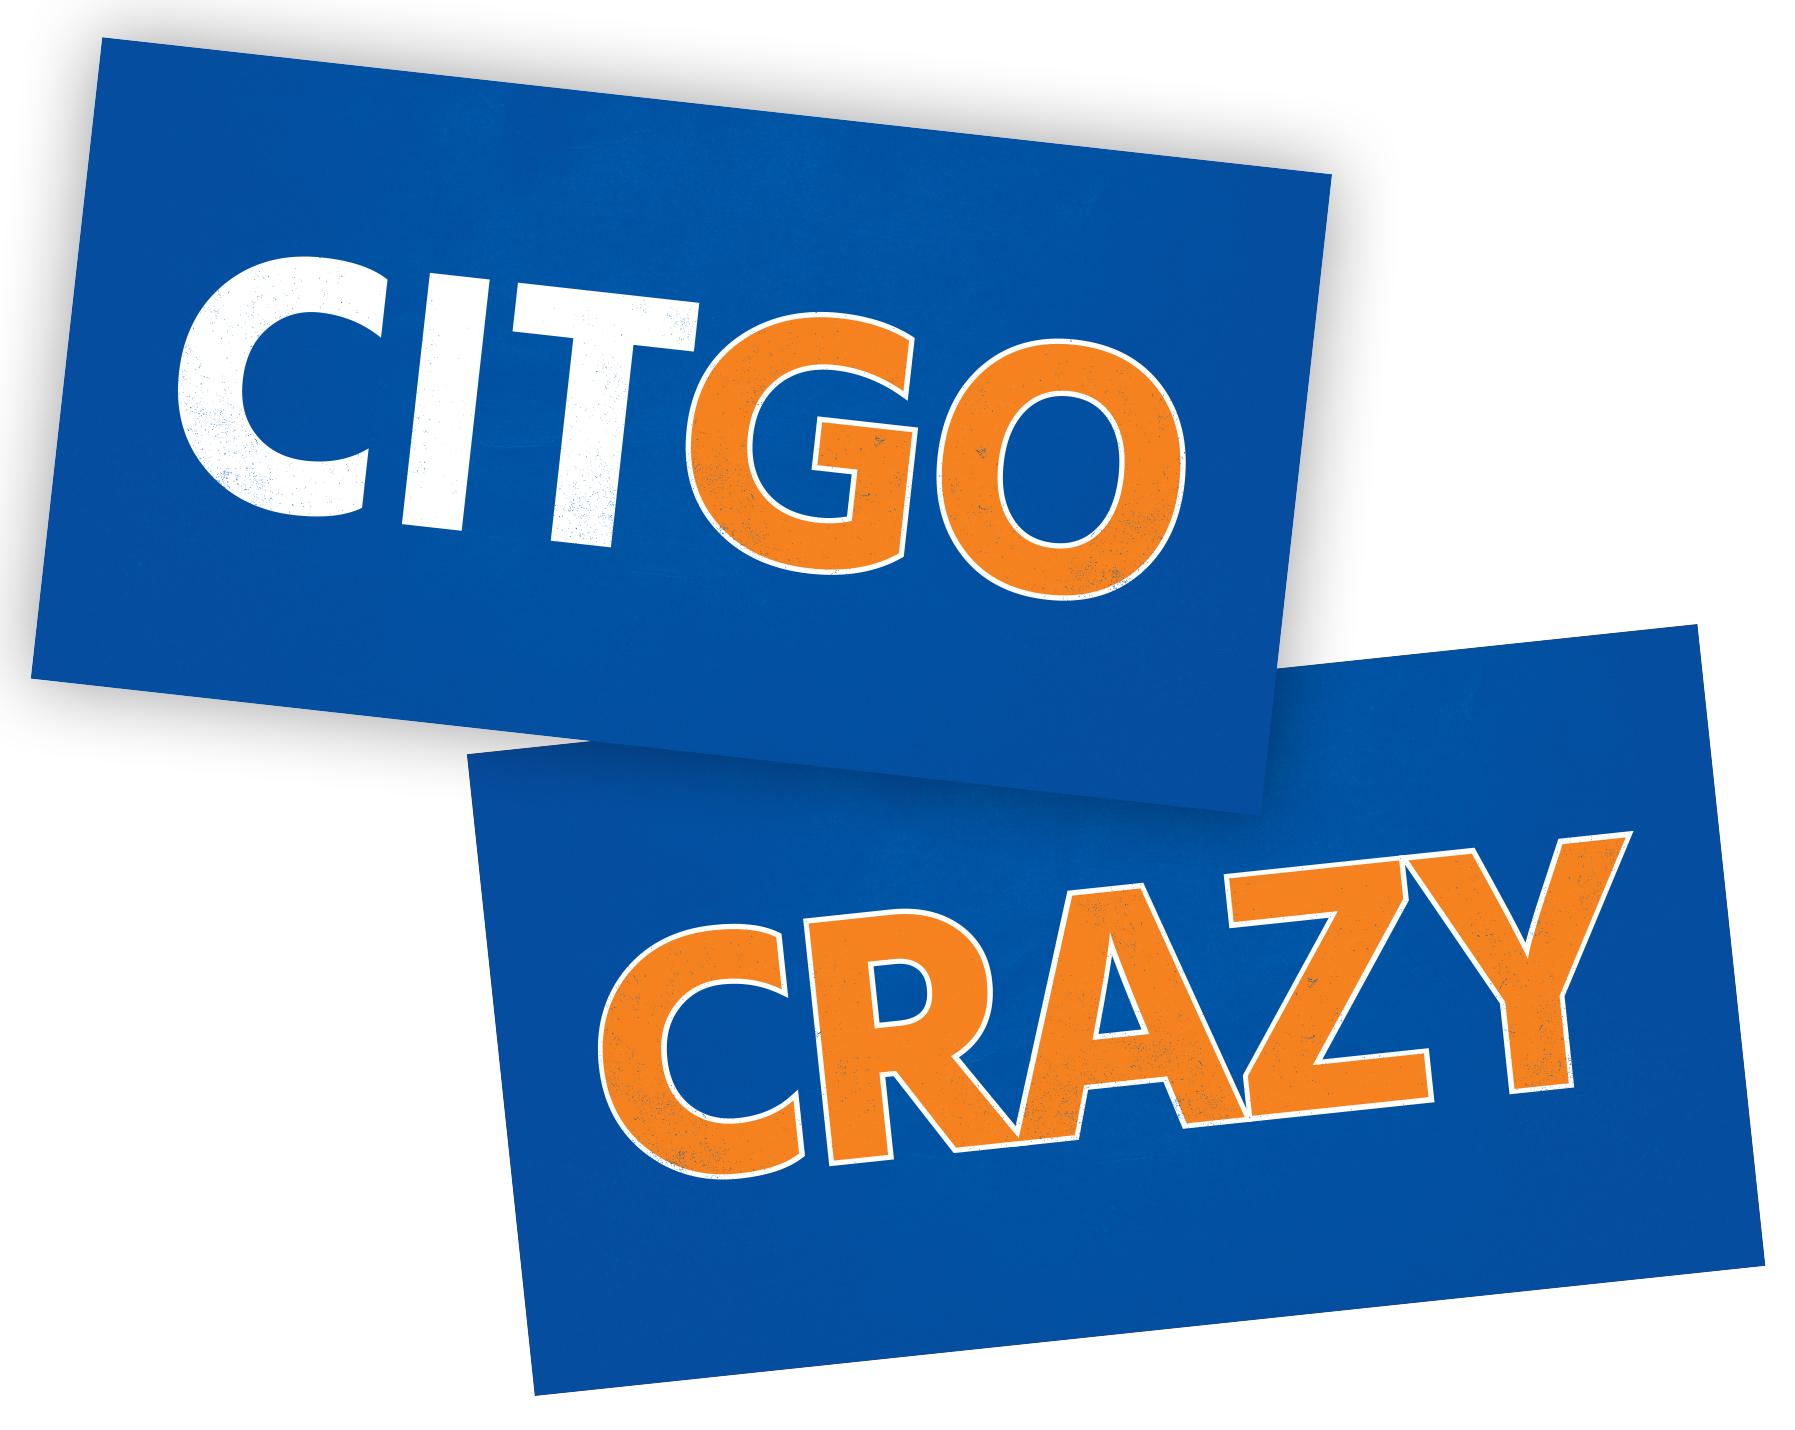 CITGO CRAZY Image.jpg